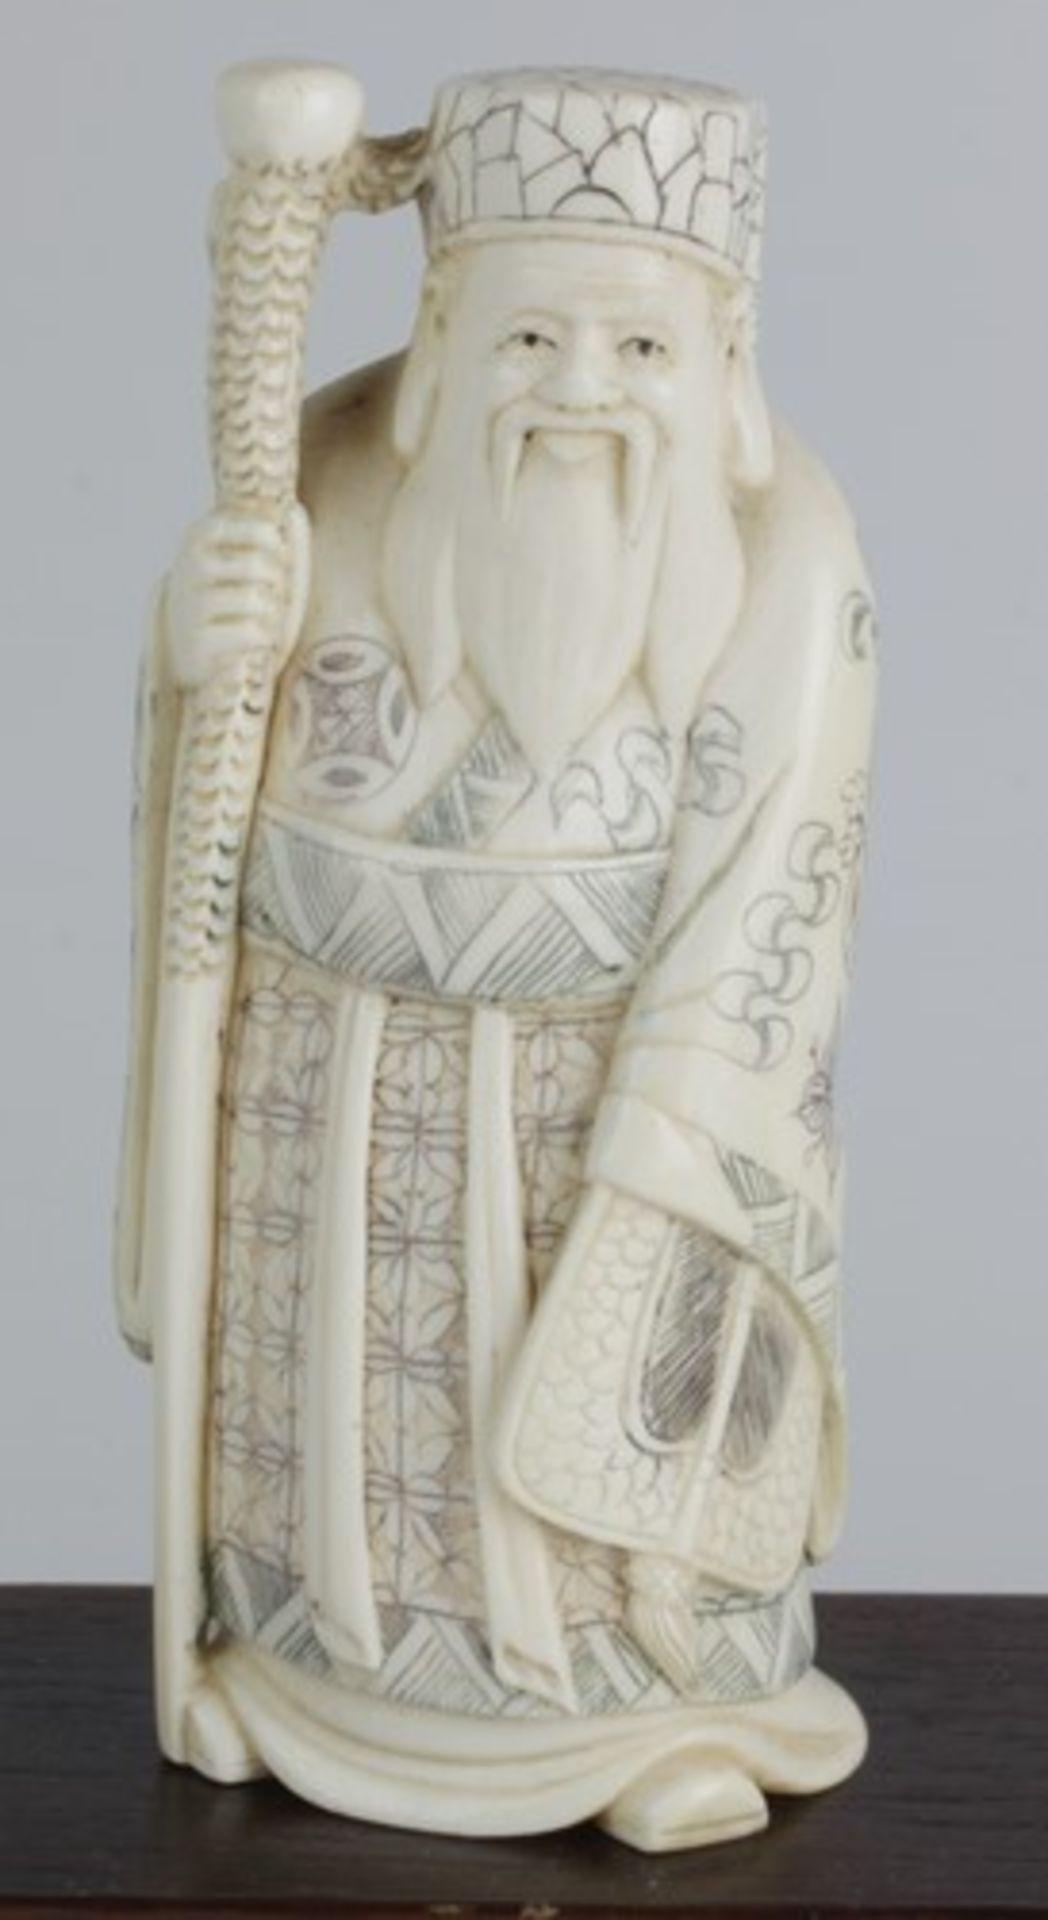 Figurengruppe - Chinaum 1920, 7x vollplastische Elfenbein-Schnitzereien, partiell geschwärzt, - Bild 20 aus 24